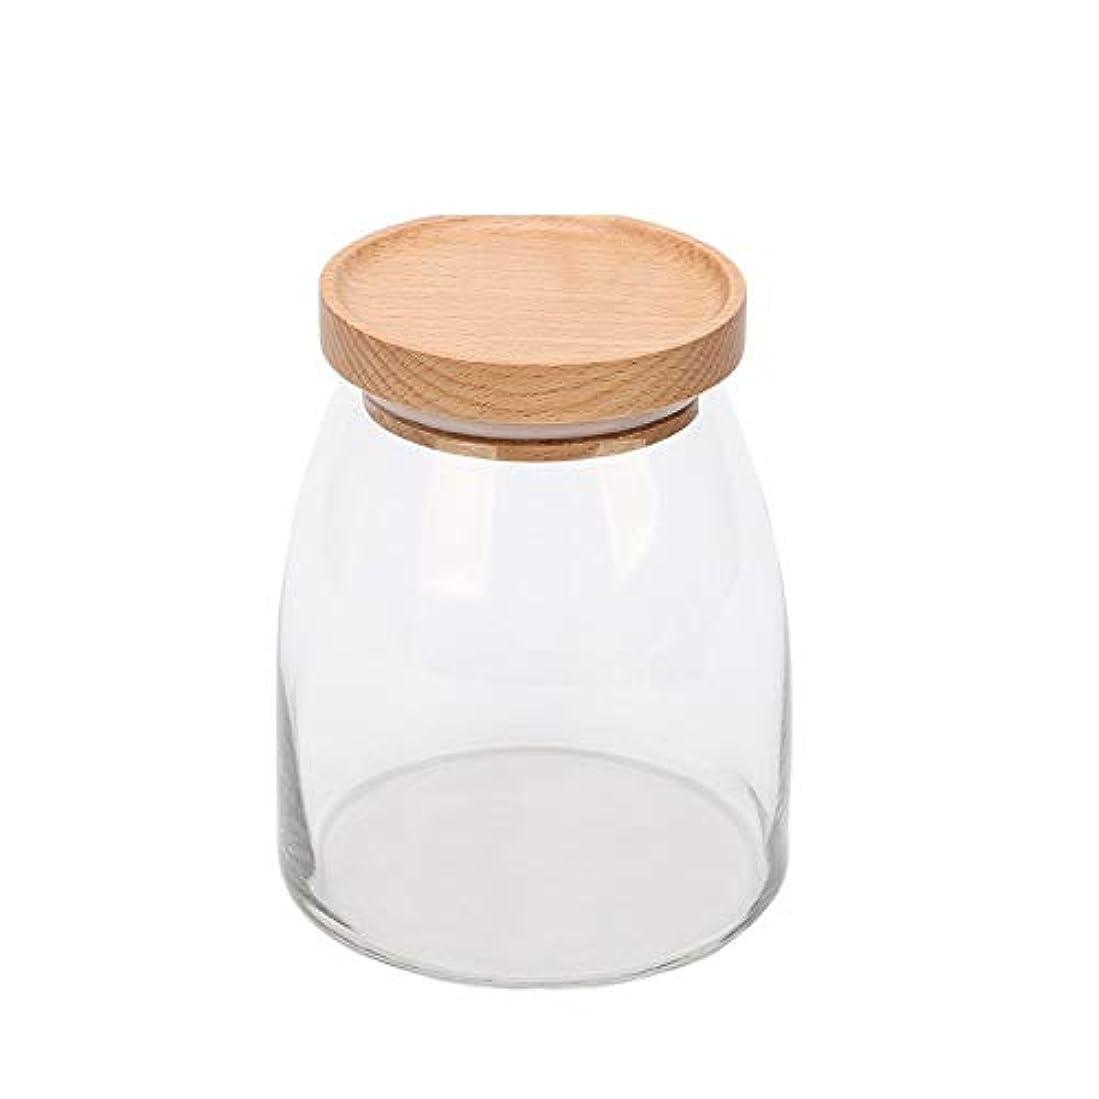 コールドズボン過言貯蔵タンク、透明ガラス貯蔵タンク、家庭用食品、茶瓶